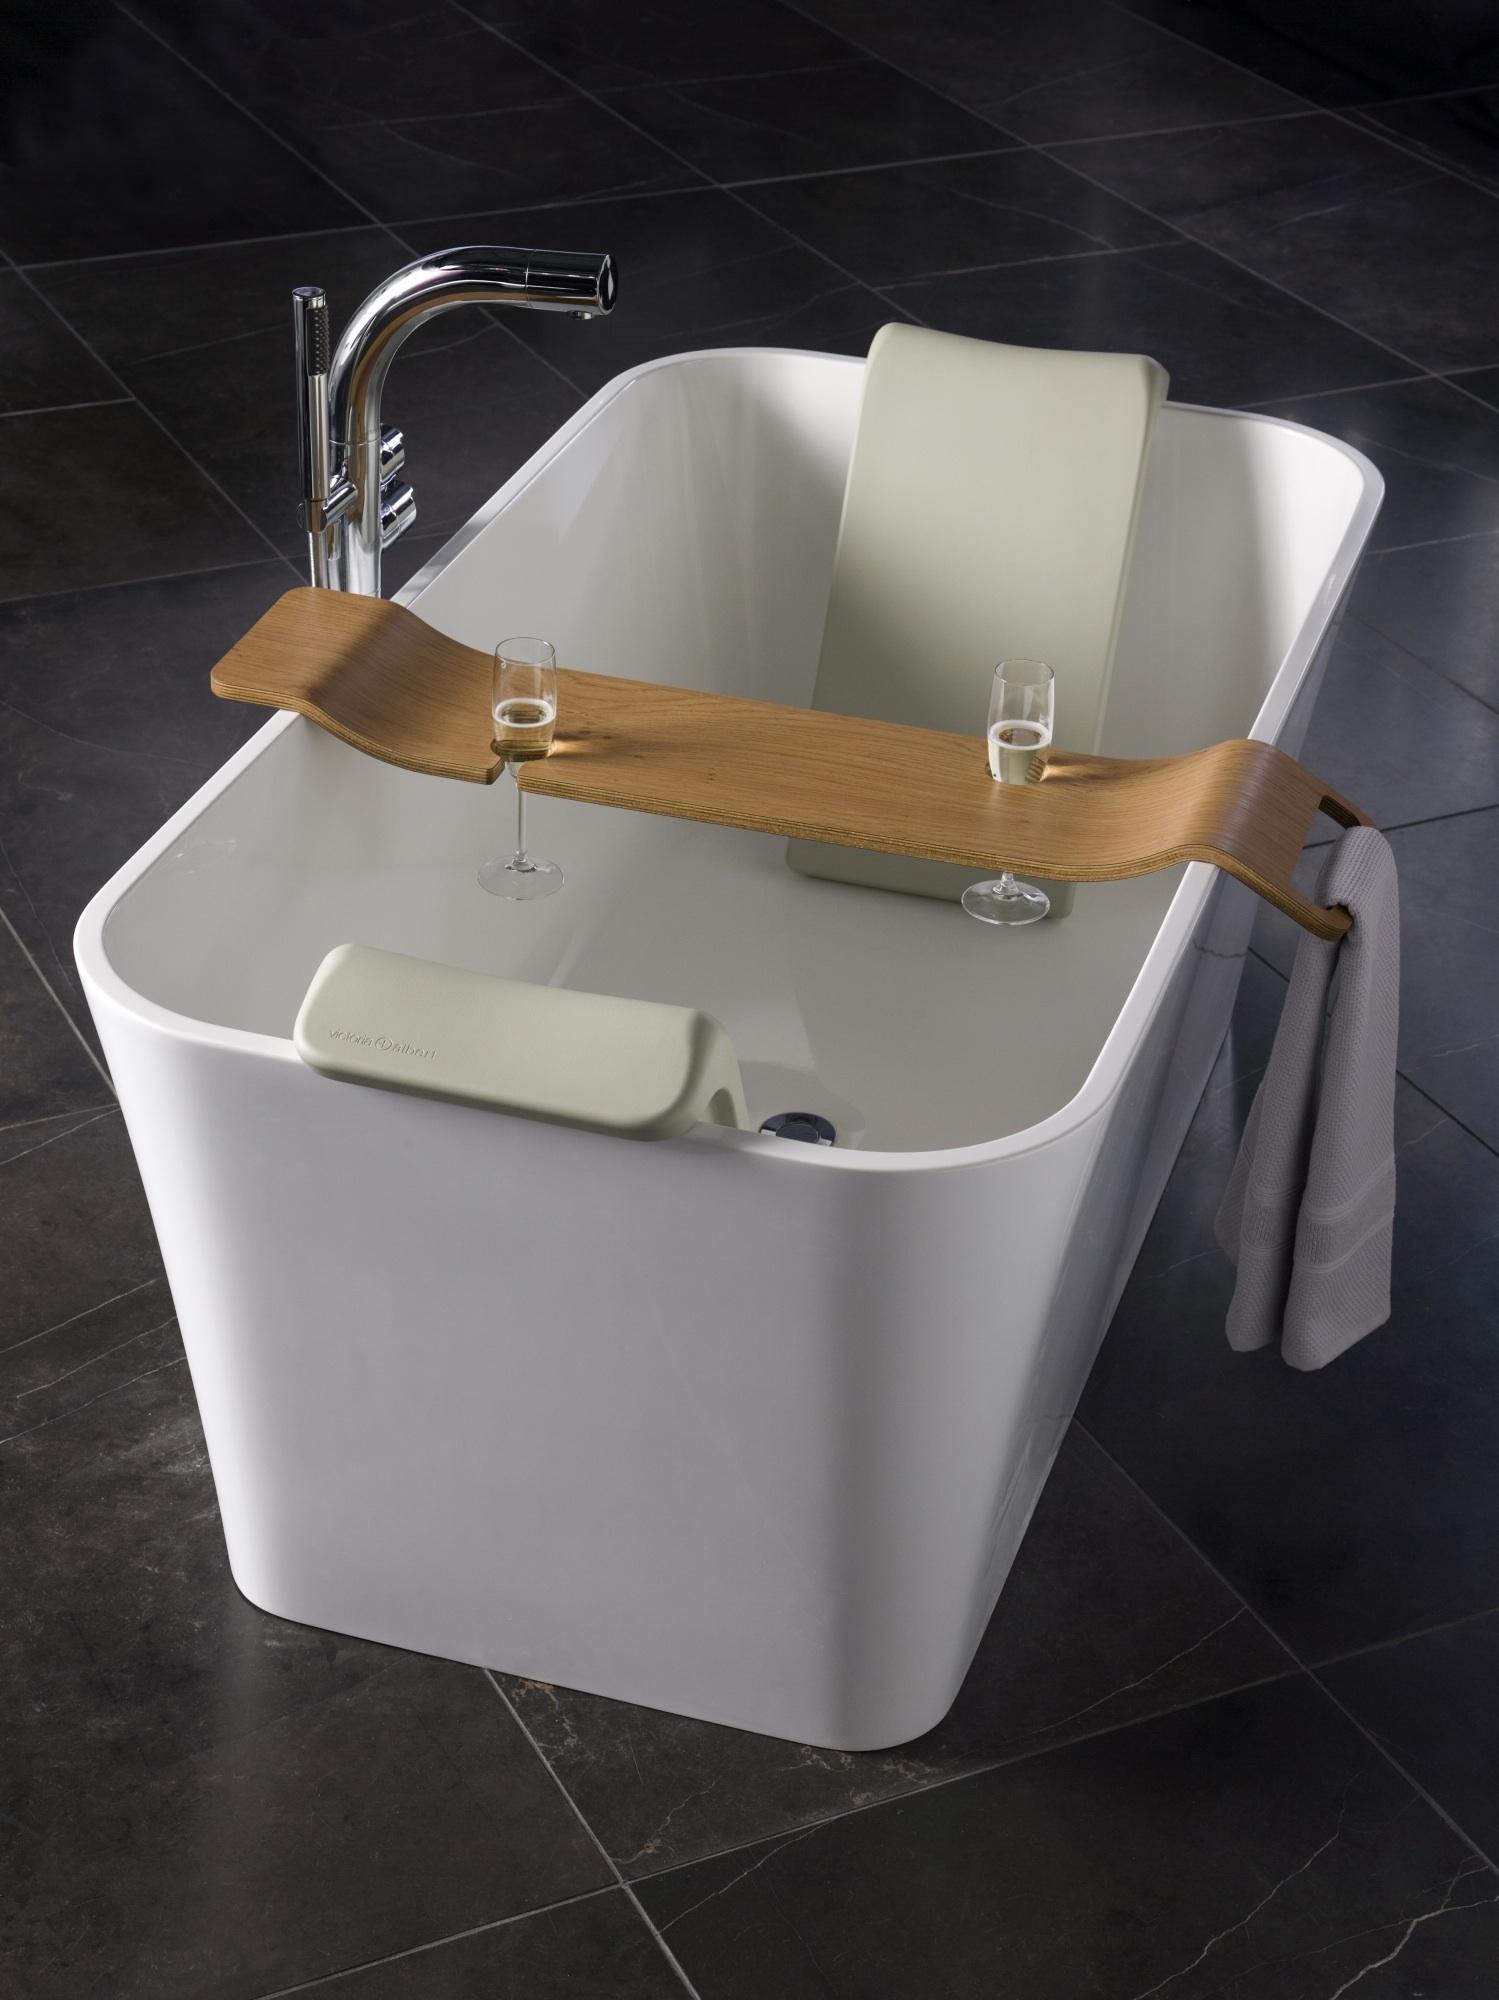 Victoria albert porta l 39 happy hour in sala bagno bagno italiano blog - Porta sali da bagno ...